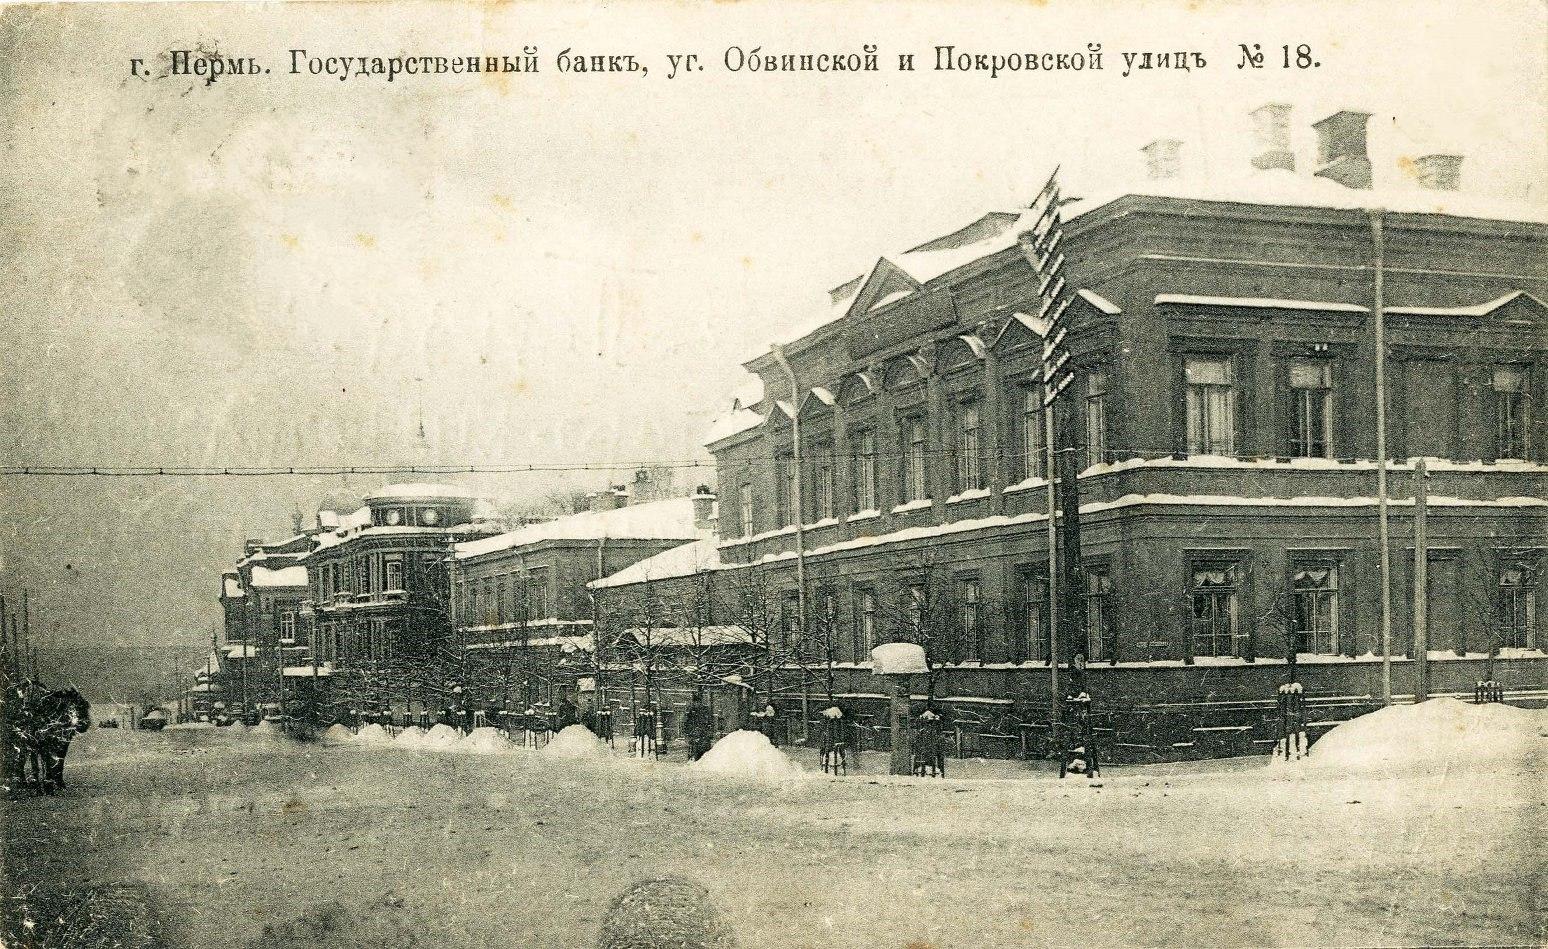 Обвинская улица. Государственный банк